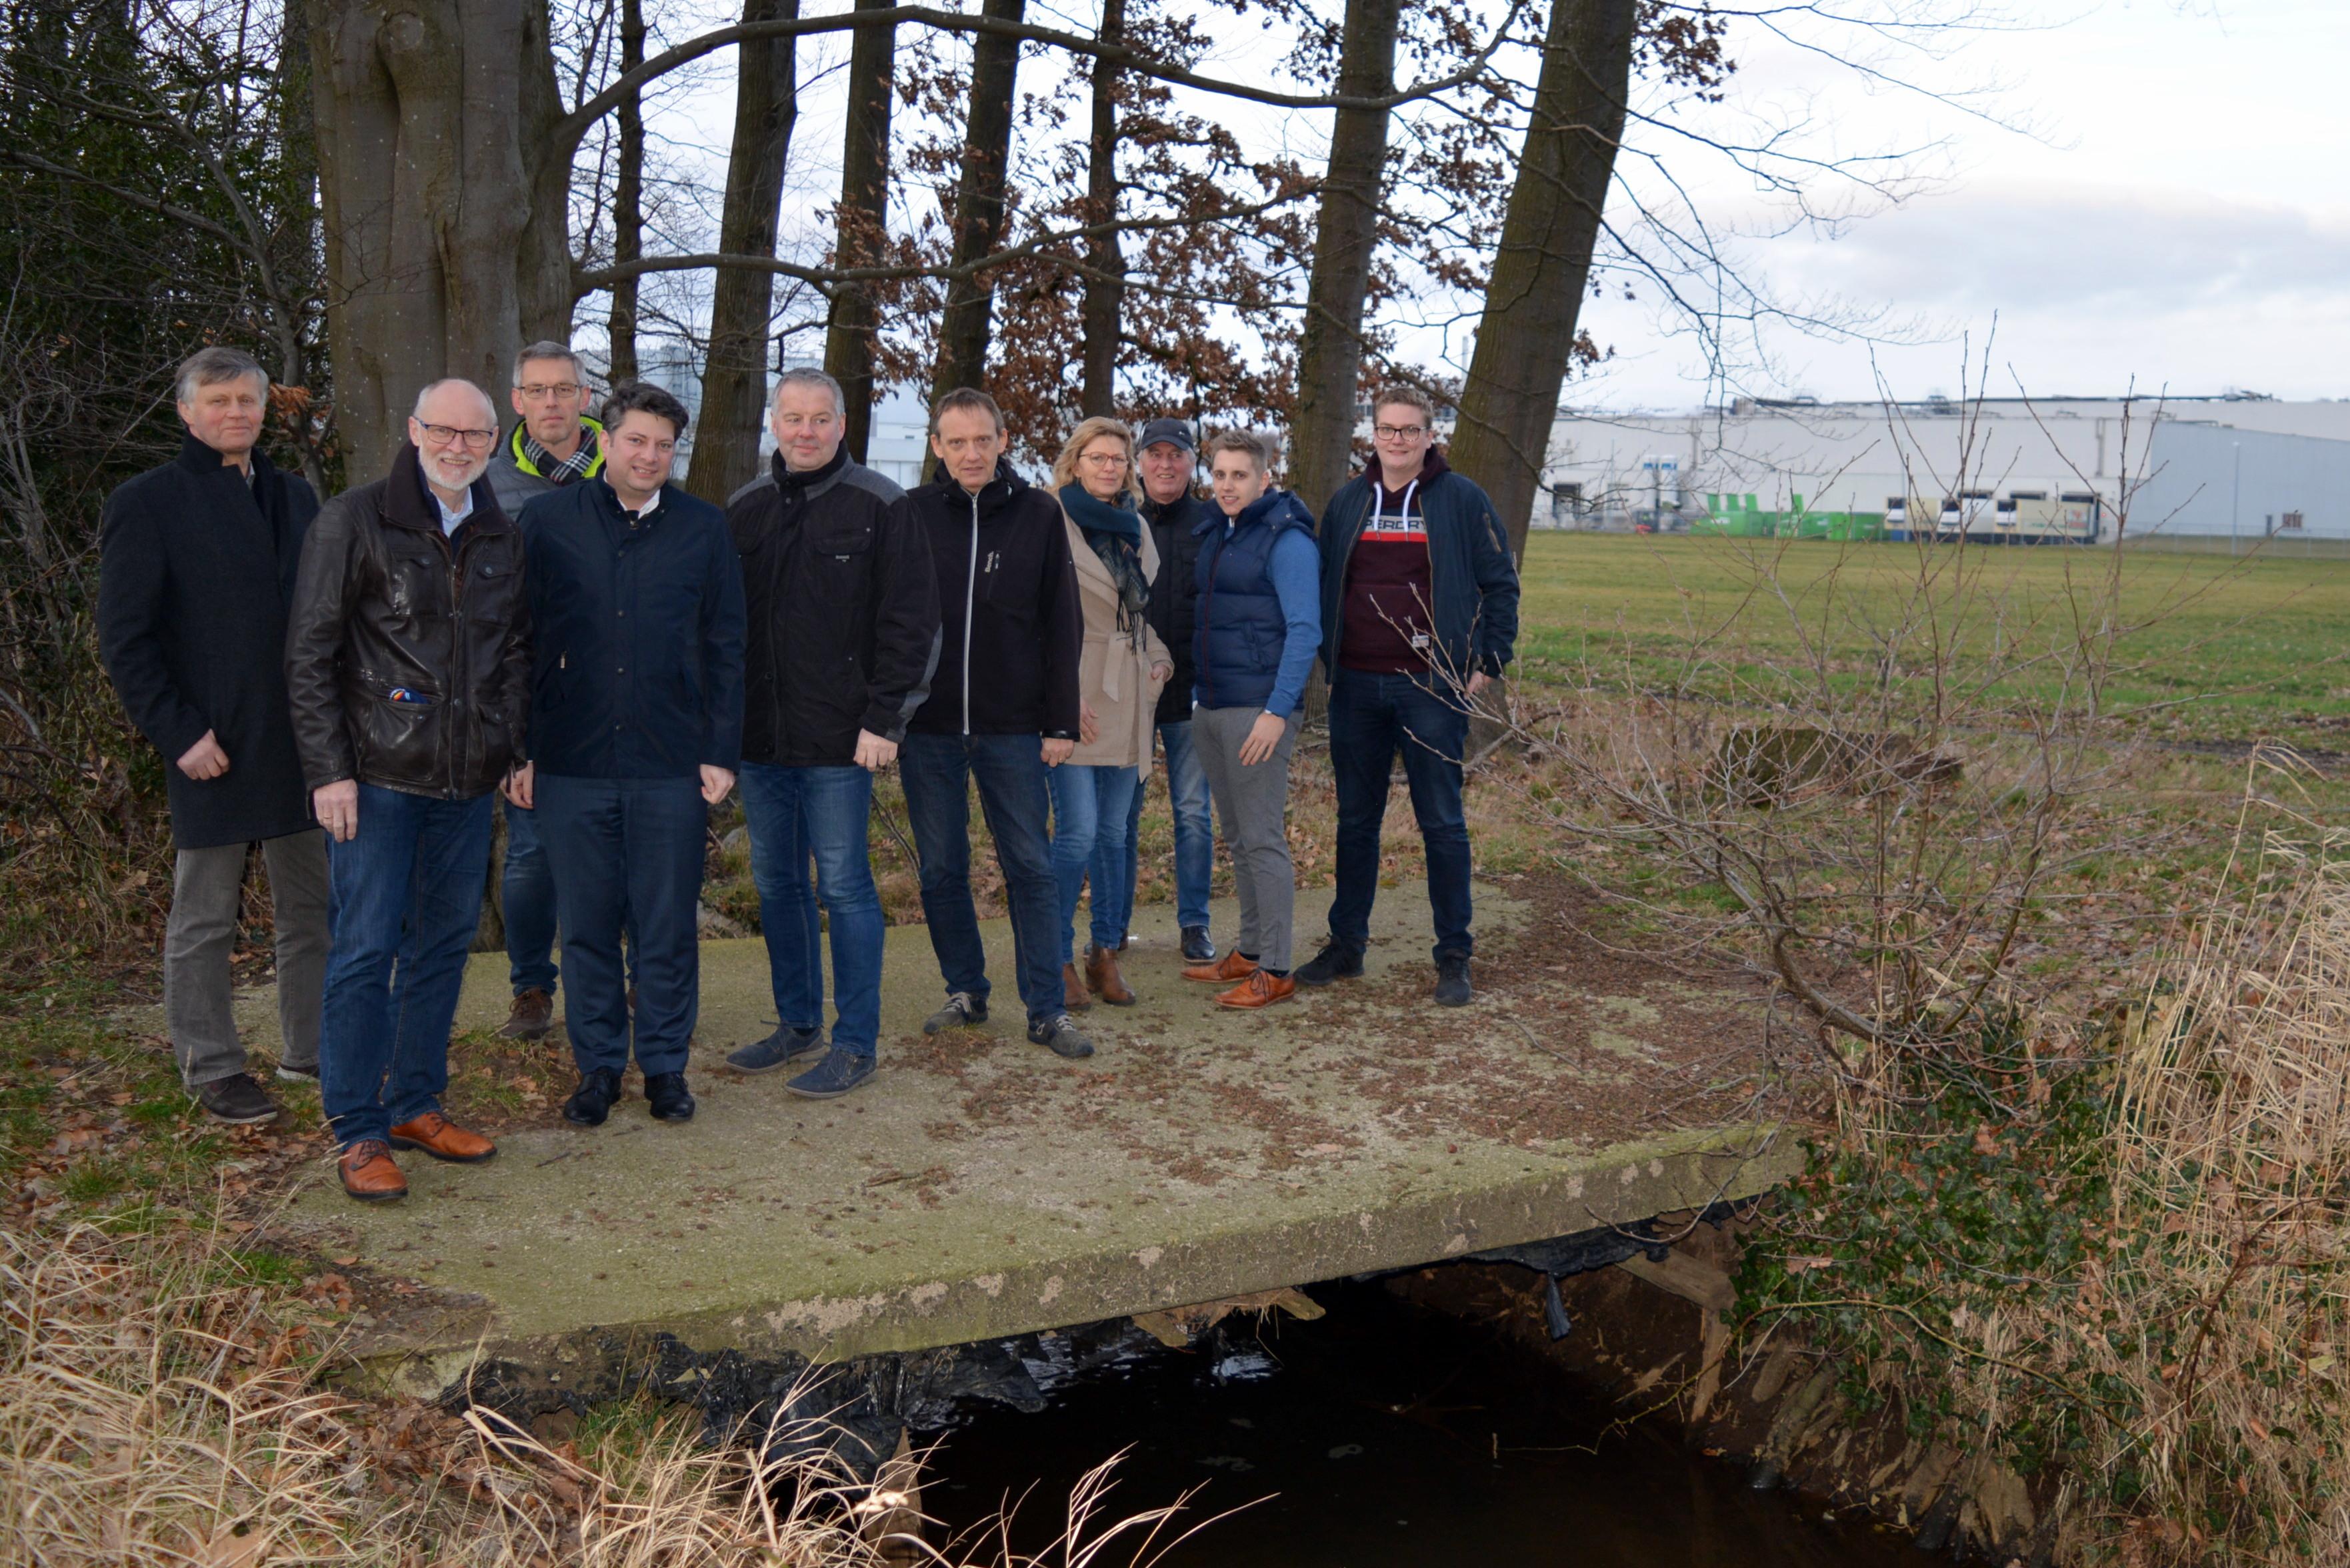 """Die Deklarierung des östlichen Arms des Eggermühlenbachs zu einem FFH-Gewässer würde die Erweiterung eine Industriebetriebes in Nortrup deutlich erschweren. Die CDU fordert deshalb Berücksichtigung beim Landschaftsschutzgebiet """"Bäche im Artland"""""""